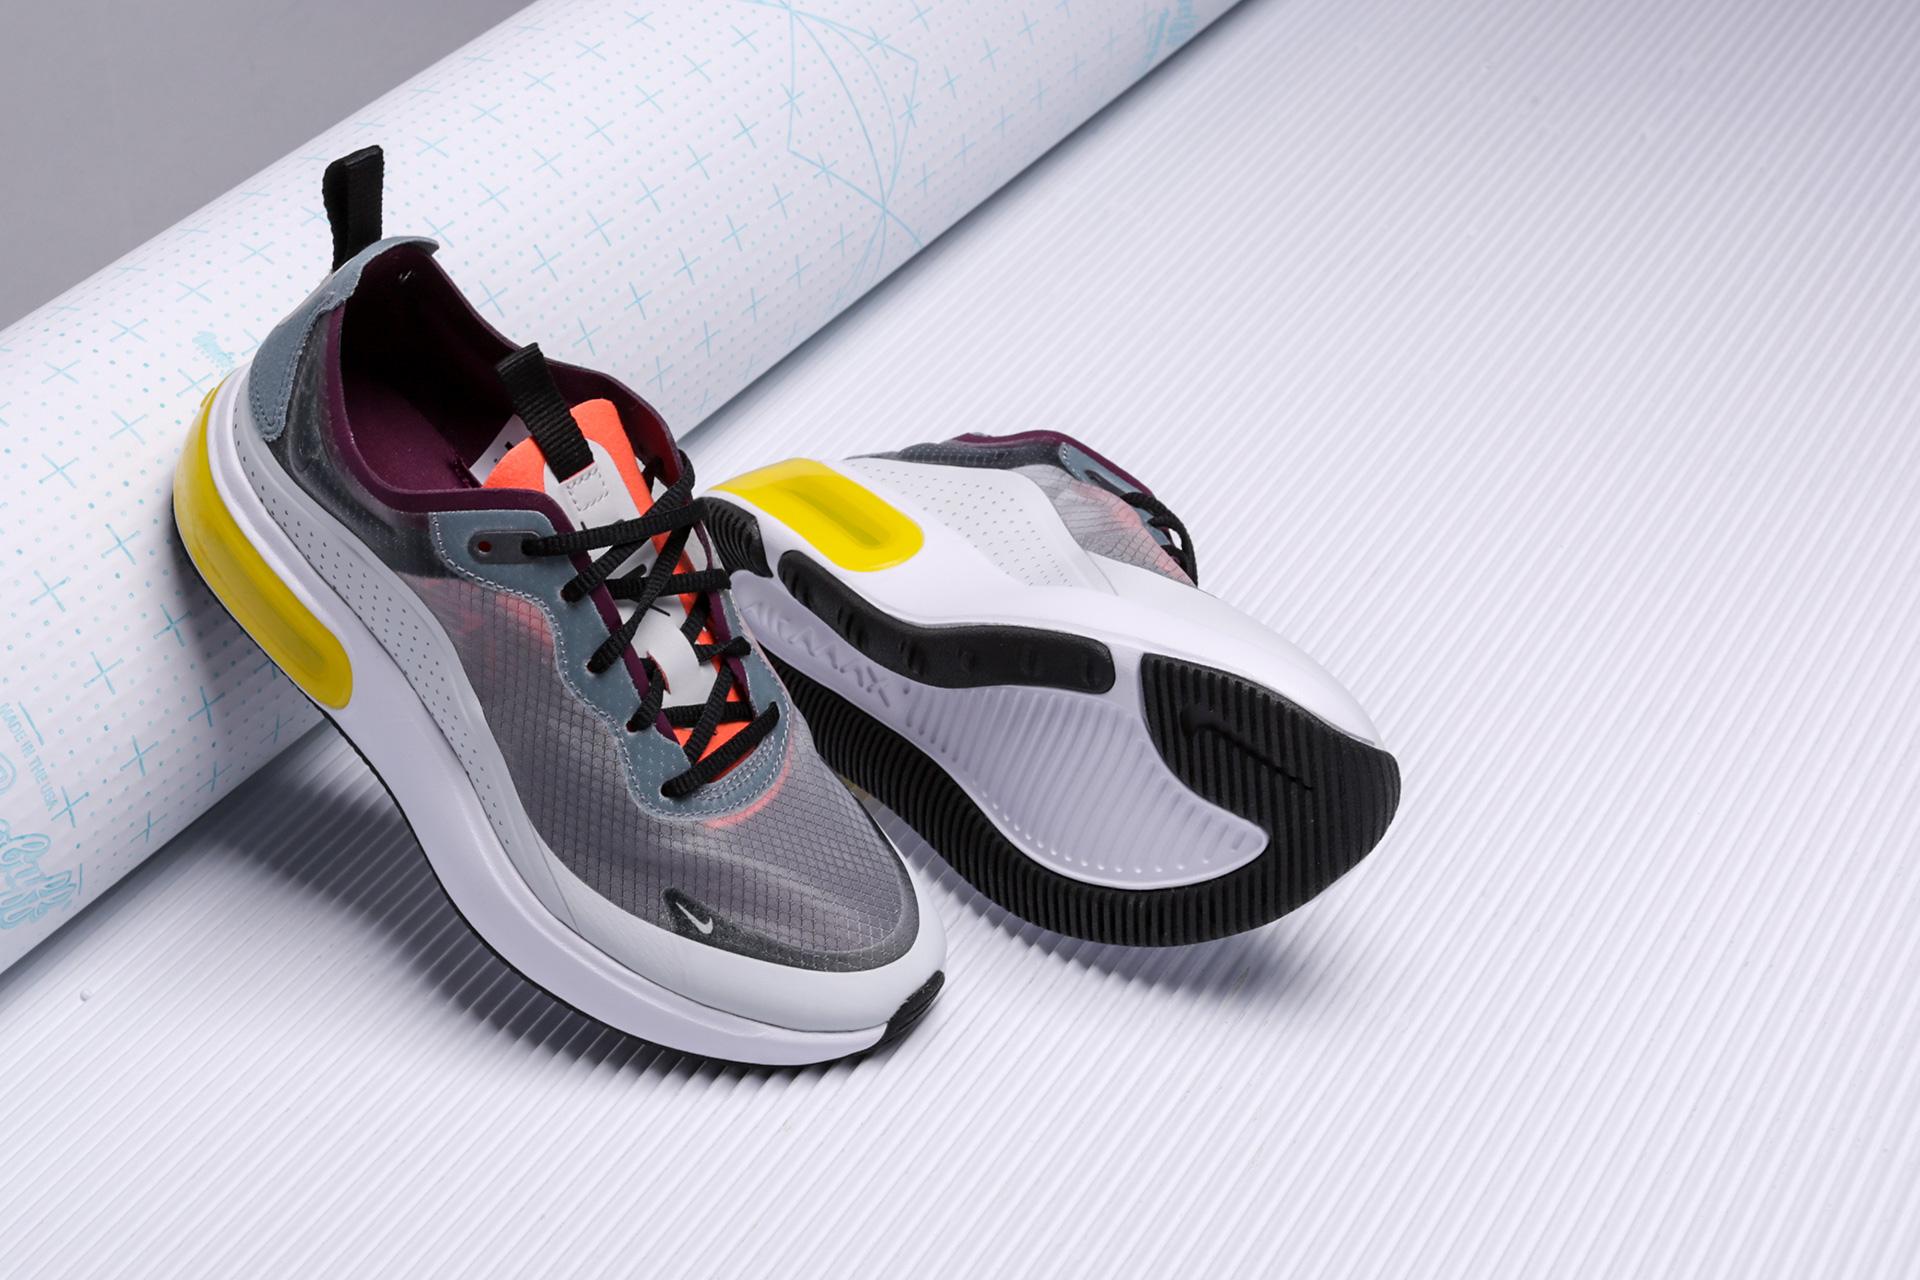 ffd816d5 ... Купить женские серые кроссовки Nike Air Max Dia SE QS - фото 3 картинки  ...